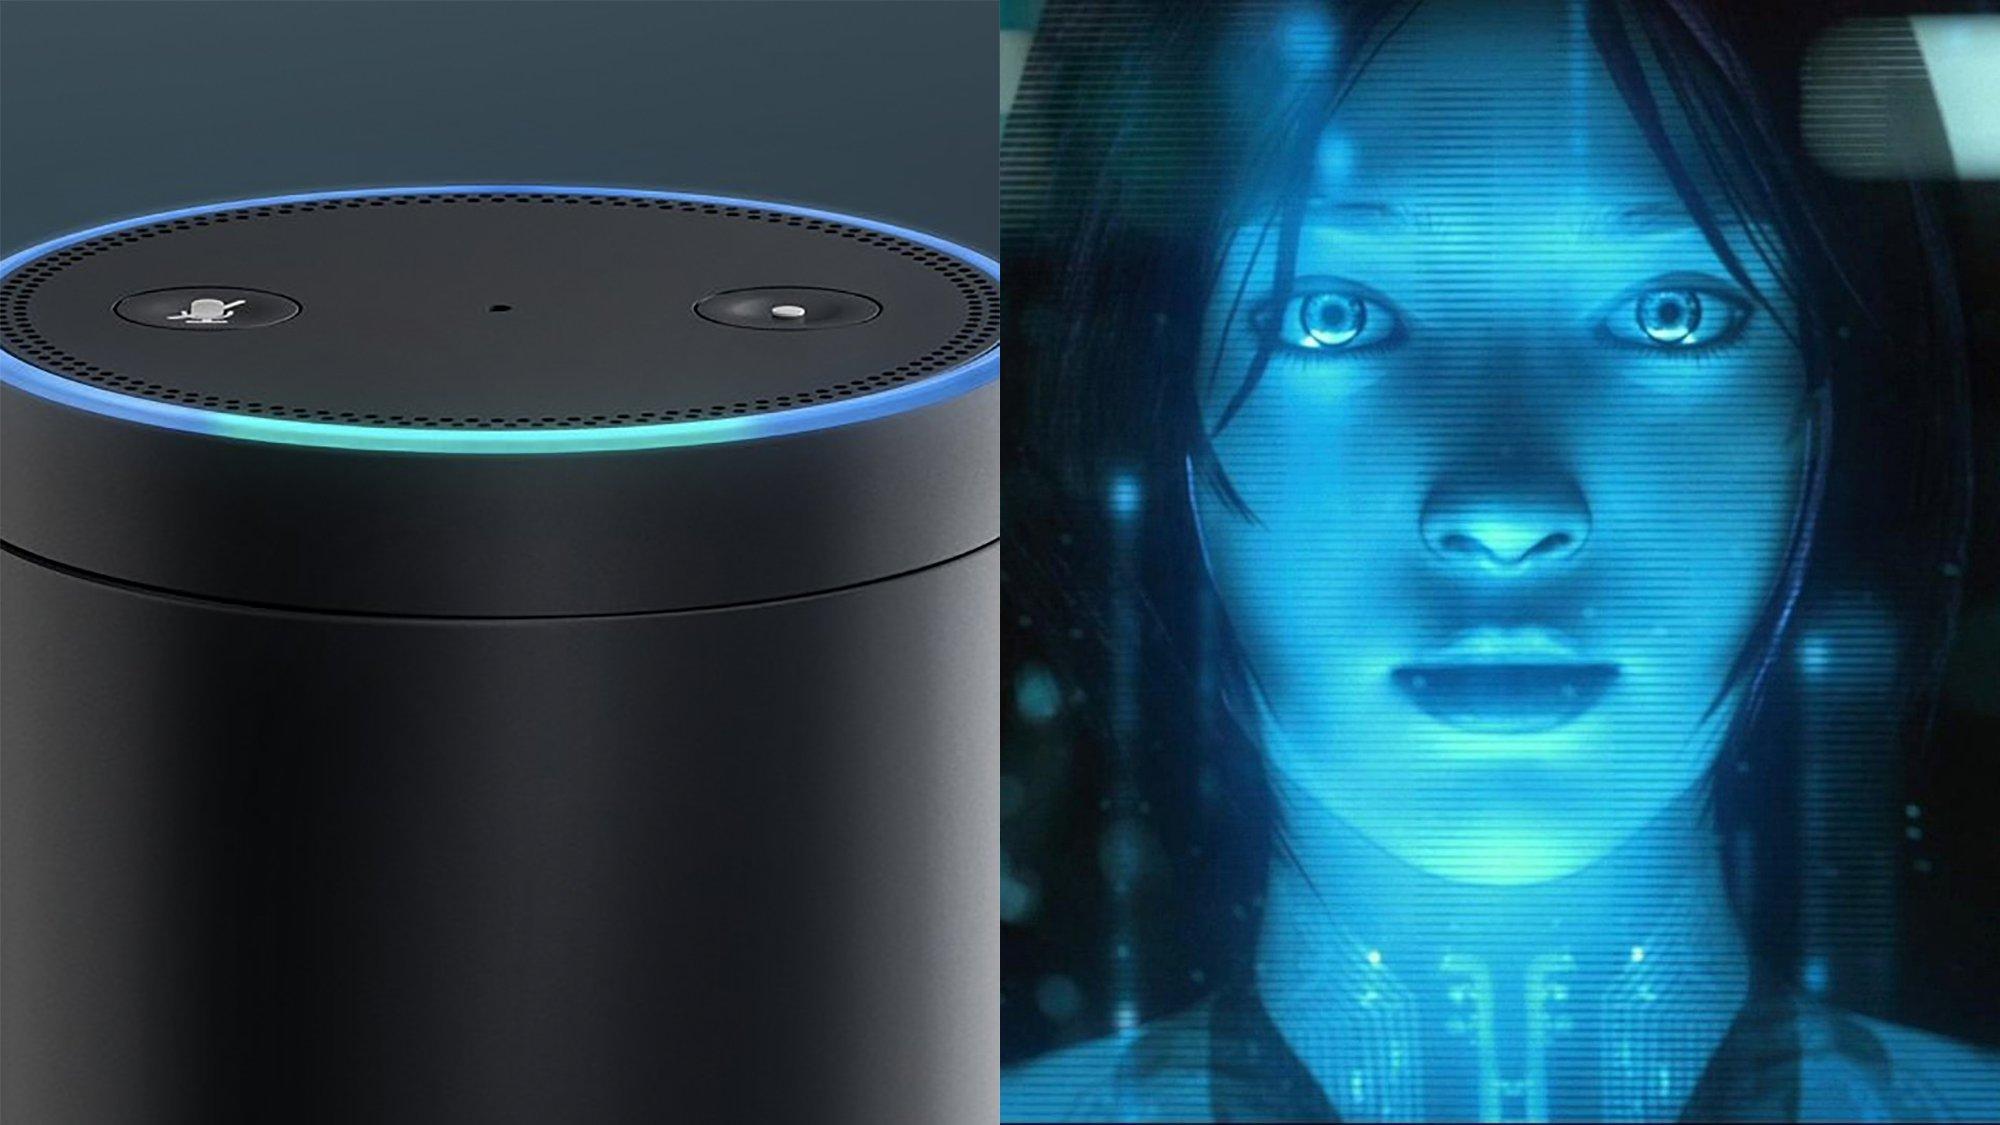 Alexa захватывает мир. Скоро она начнет варить вам кофе и предлагать отдохнуть